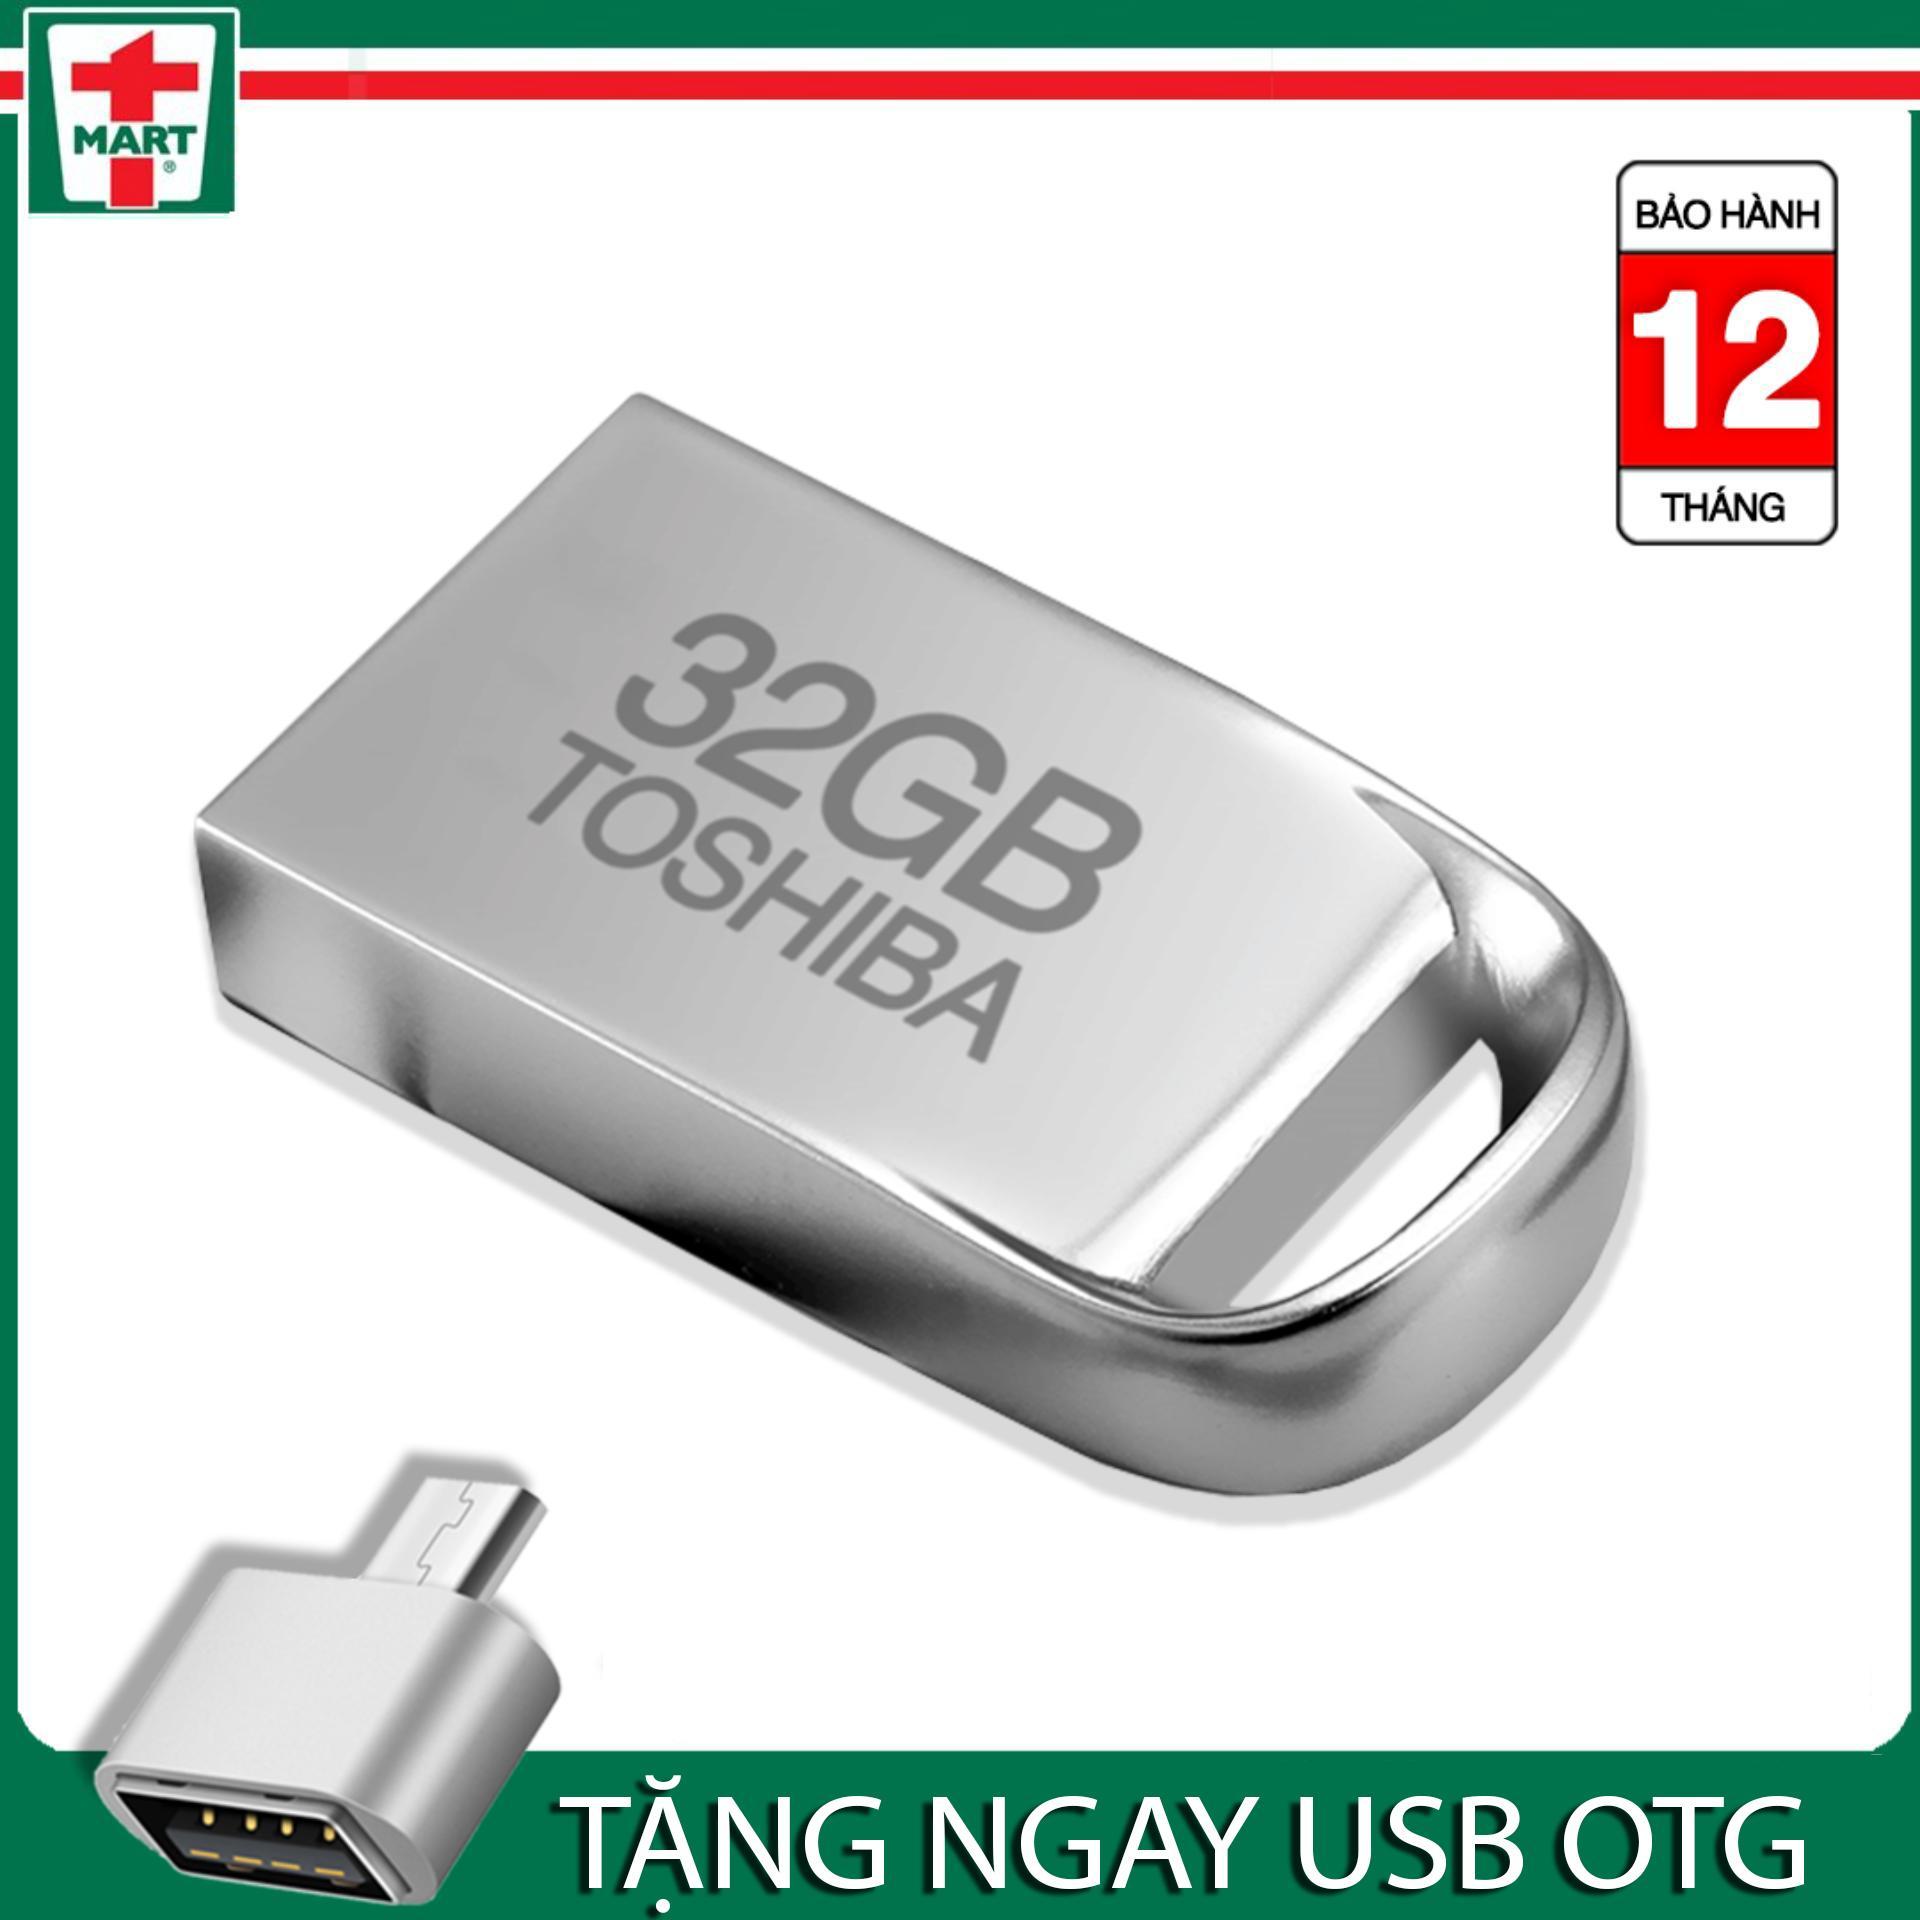 Hình ảnh [Quà tặng giá trị] USB siêu nhỏ TOSHIBA 32GB